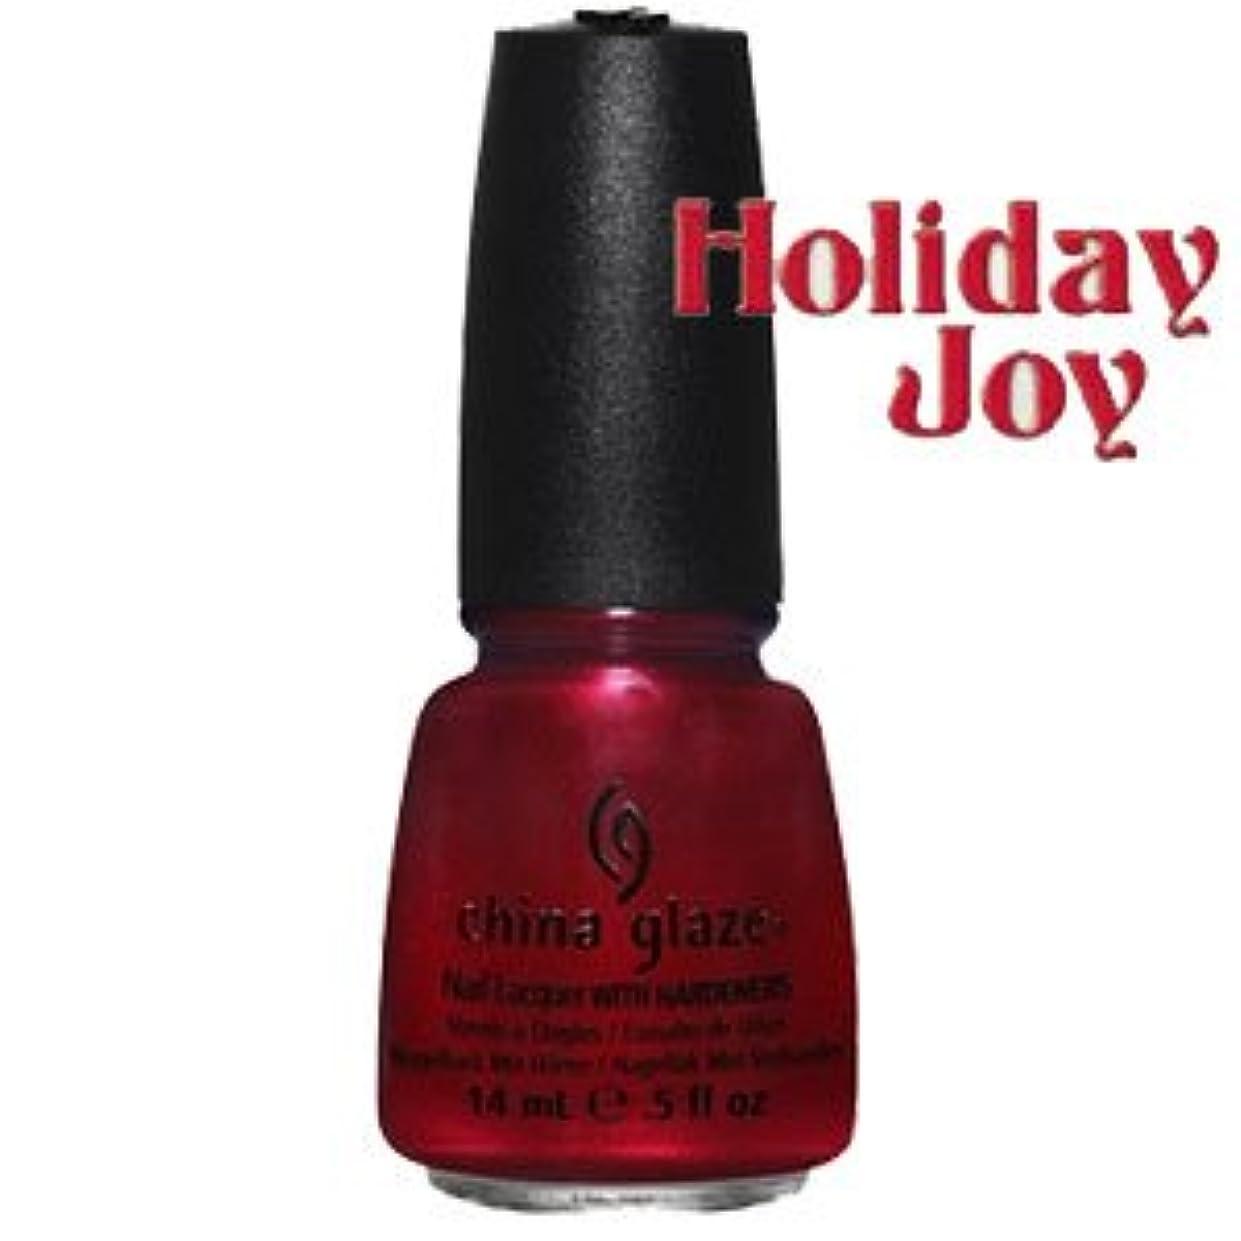 毒リアル竜巻(チャイナグレイズ)China Glaze Cranberry Splashー'12Holiday Joy コレクション [海外直送品][並行輸入品]